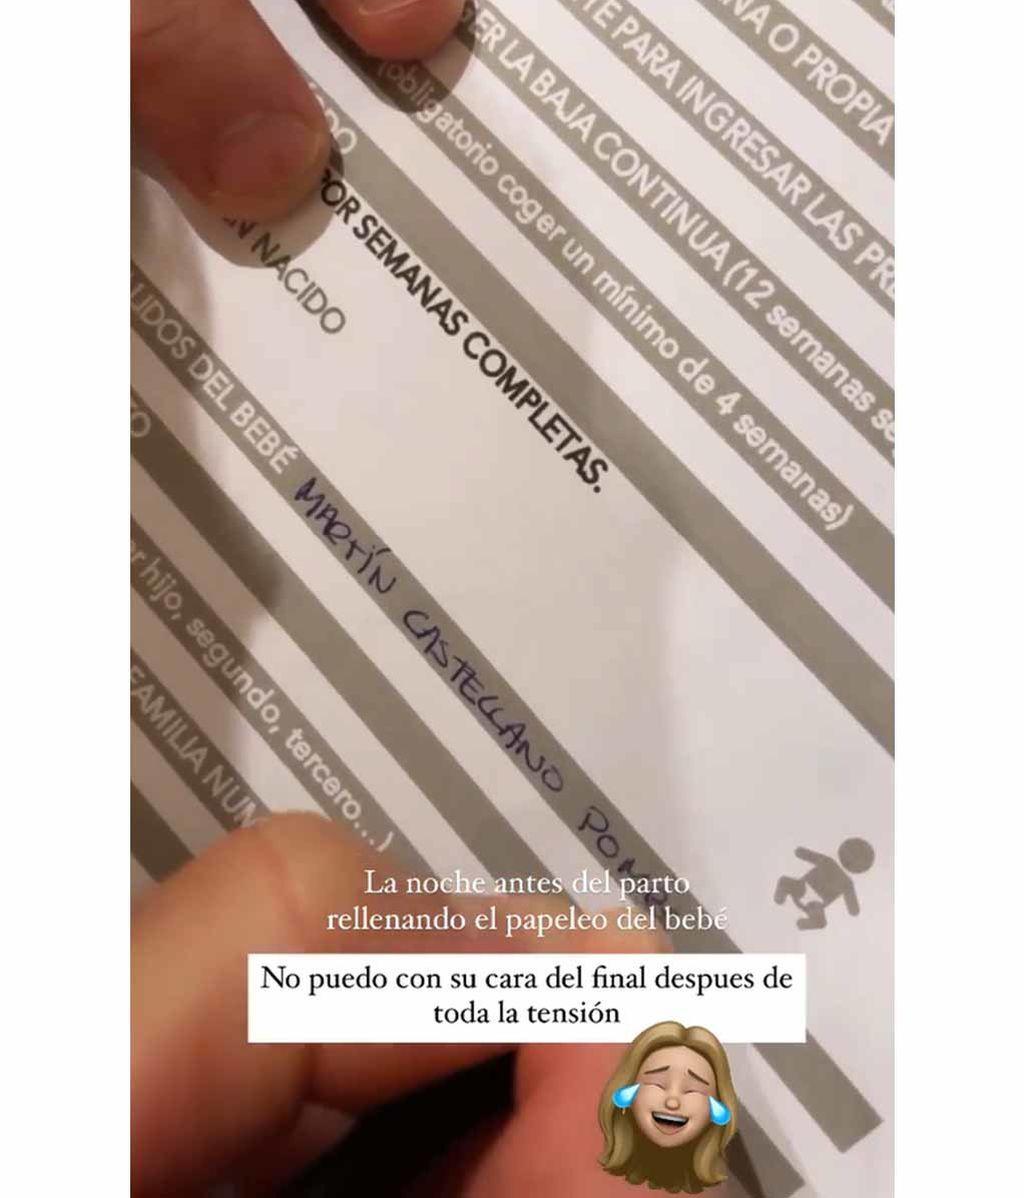 Pablo rellenando la ficha con el nombre del bebé: Martín Castellano Pombo